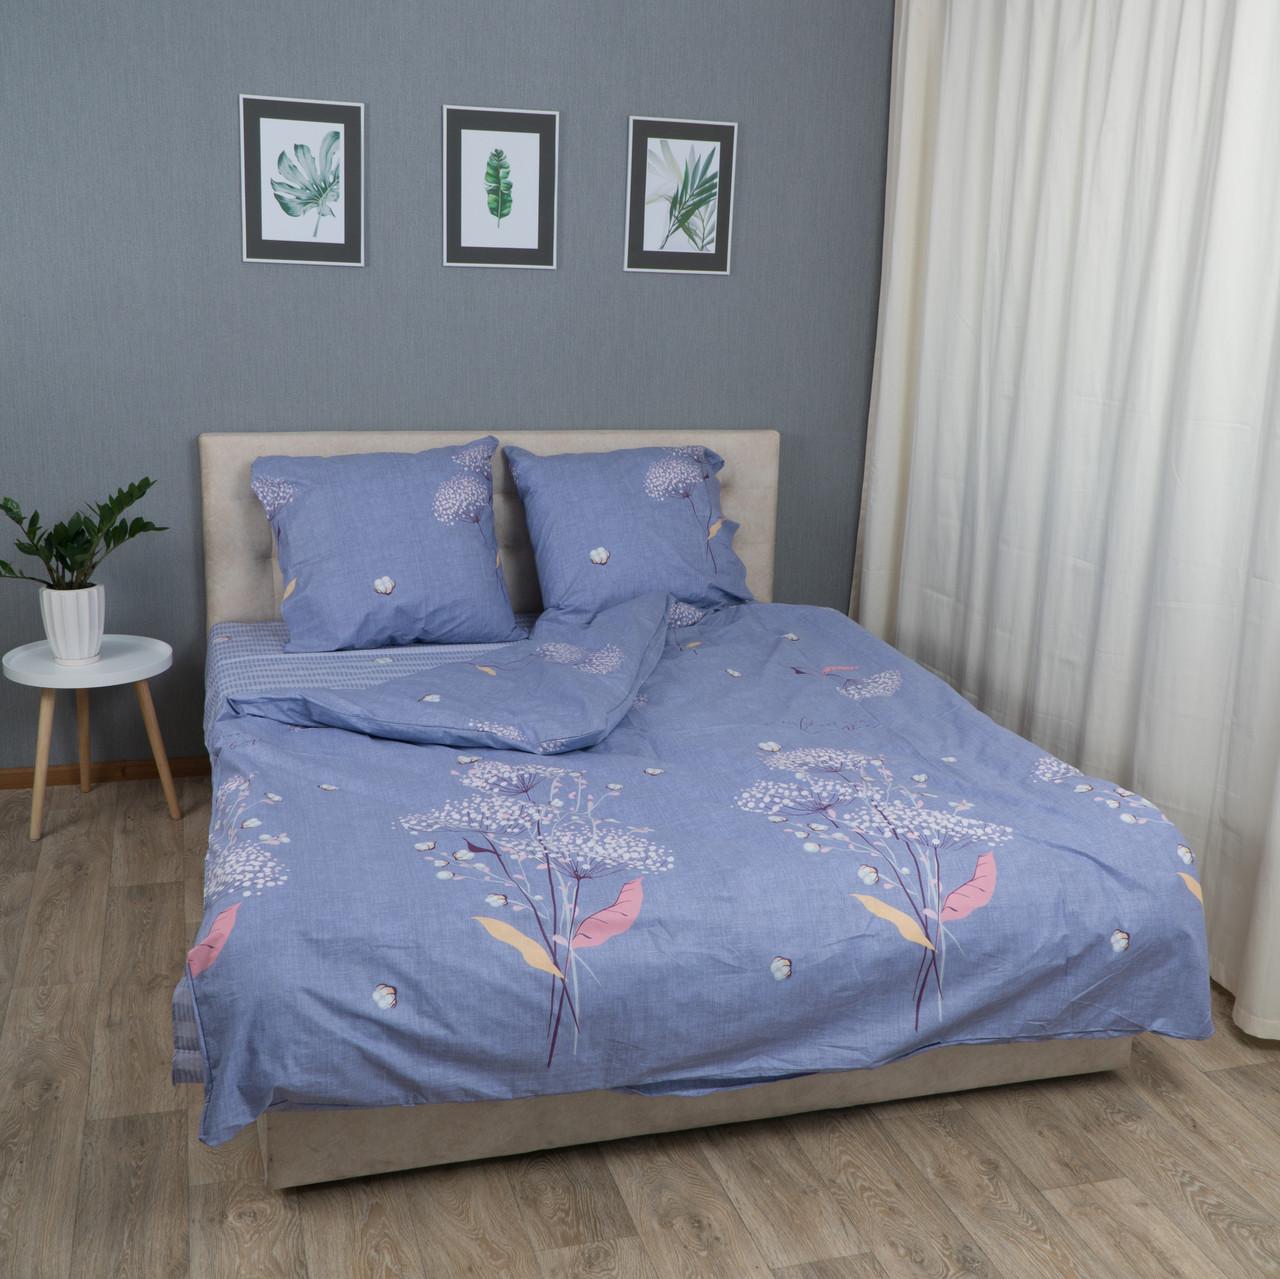 Комплект постельного белья Le Confort «Одуванчик на голубом» 180x220 Бязь